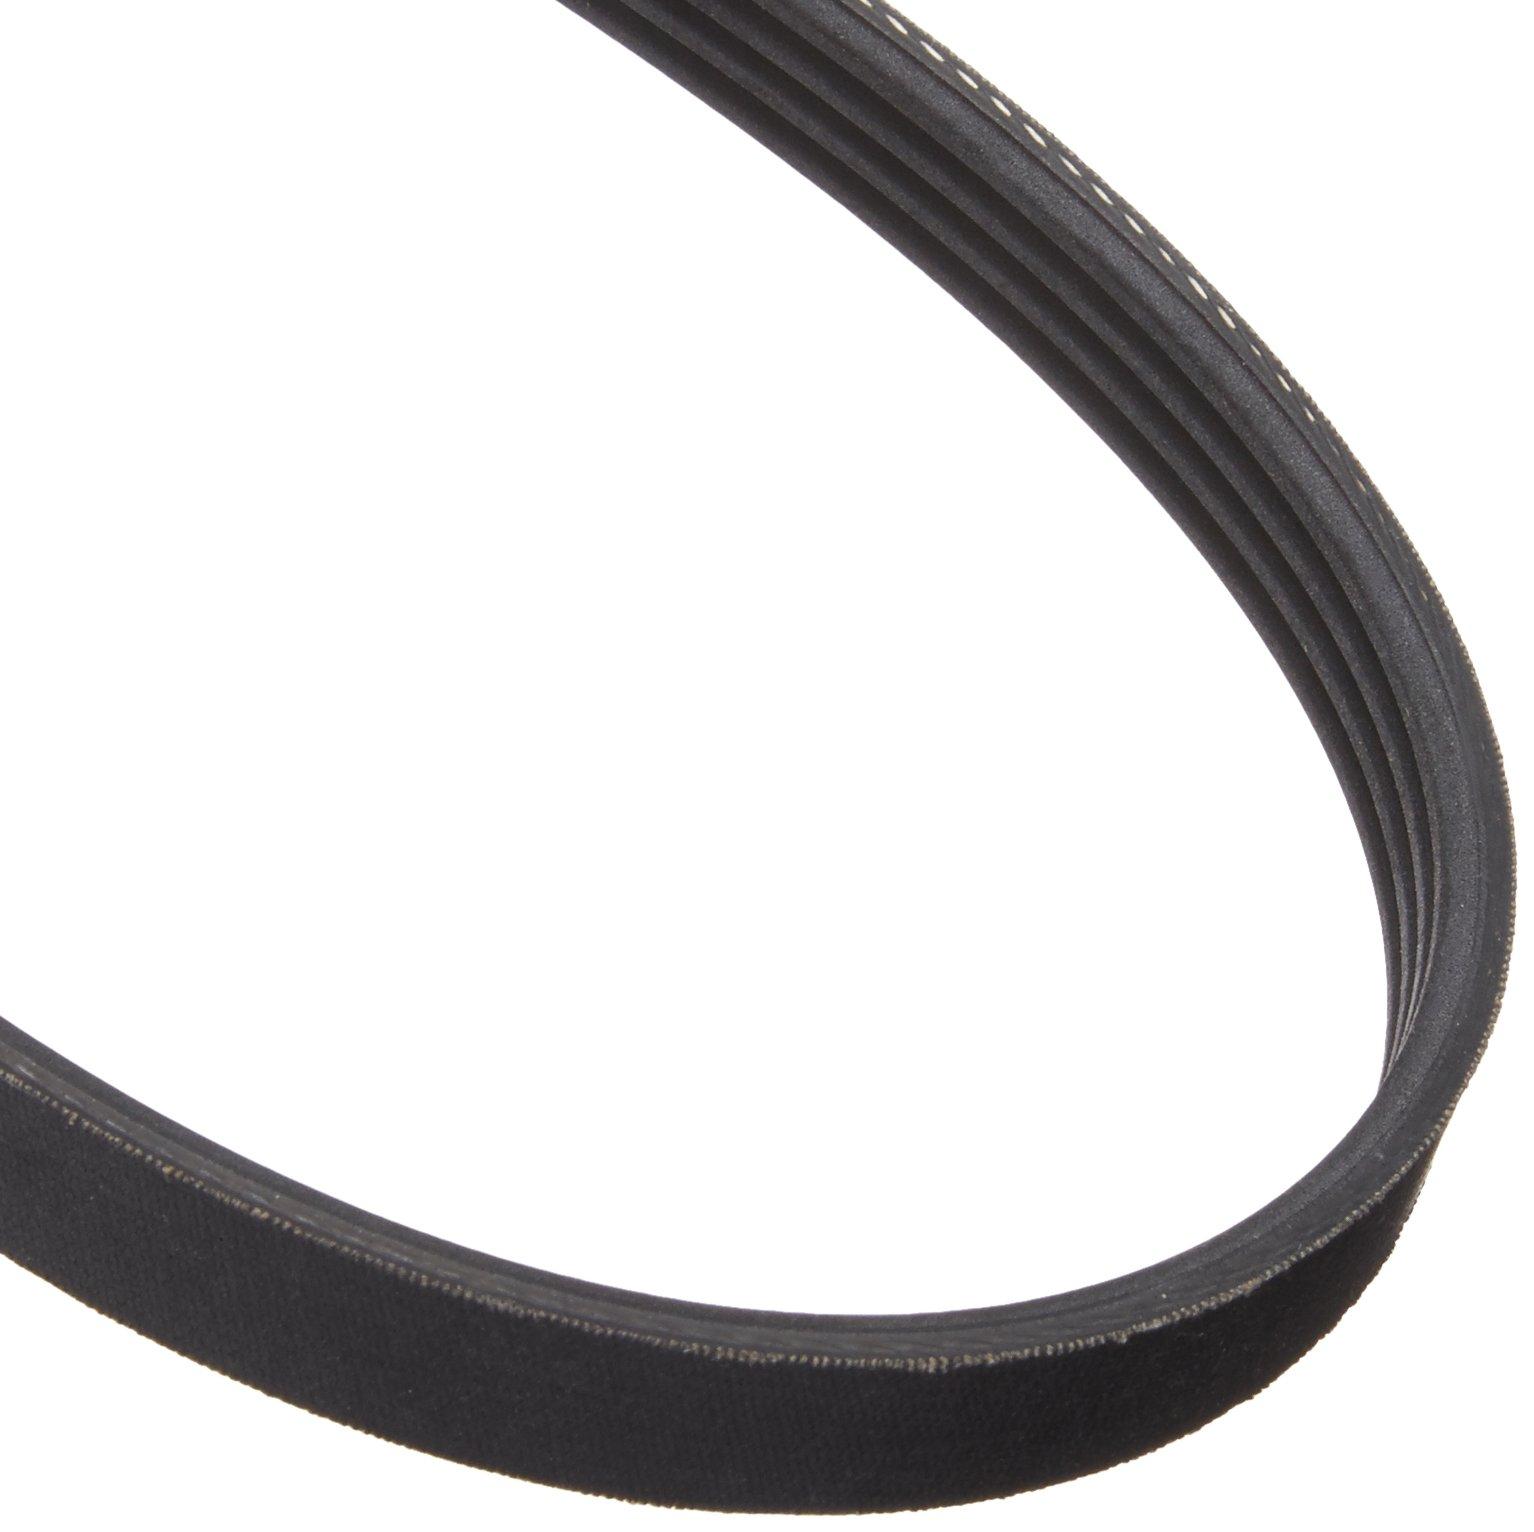 JOHN DEERE E75596 Replacement Belt